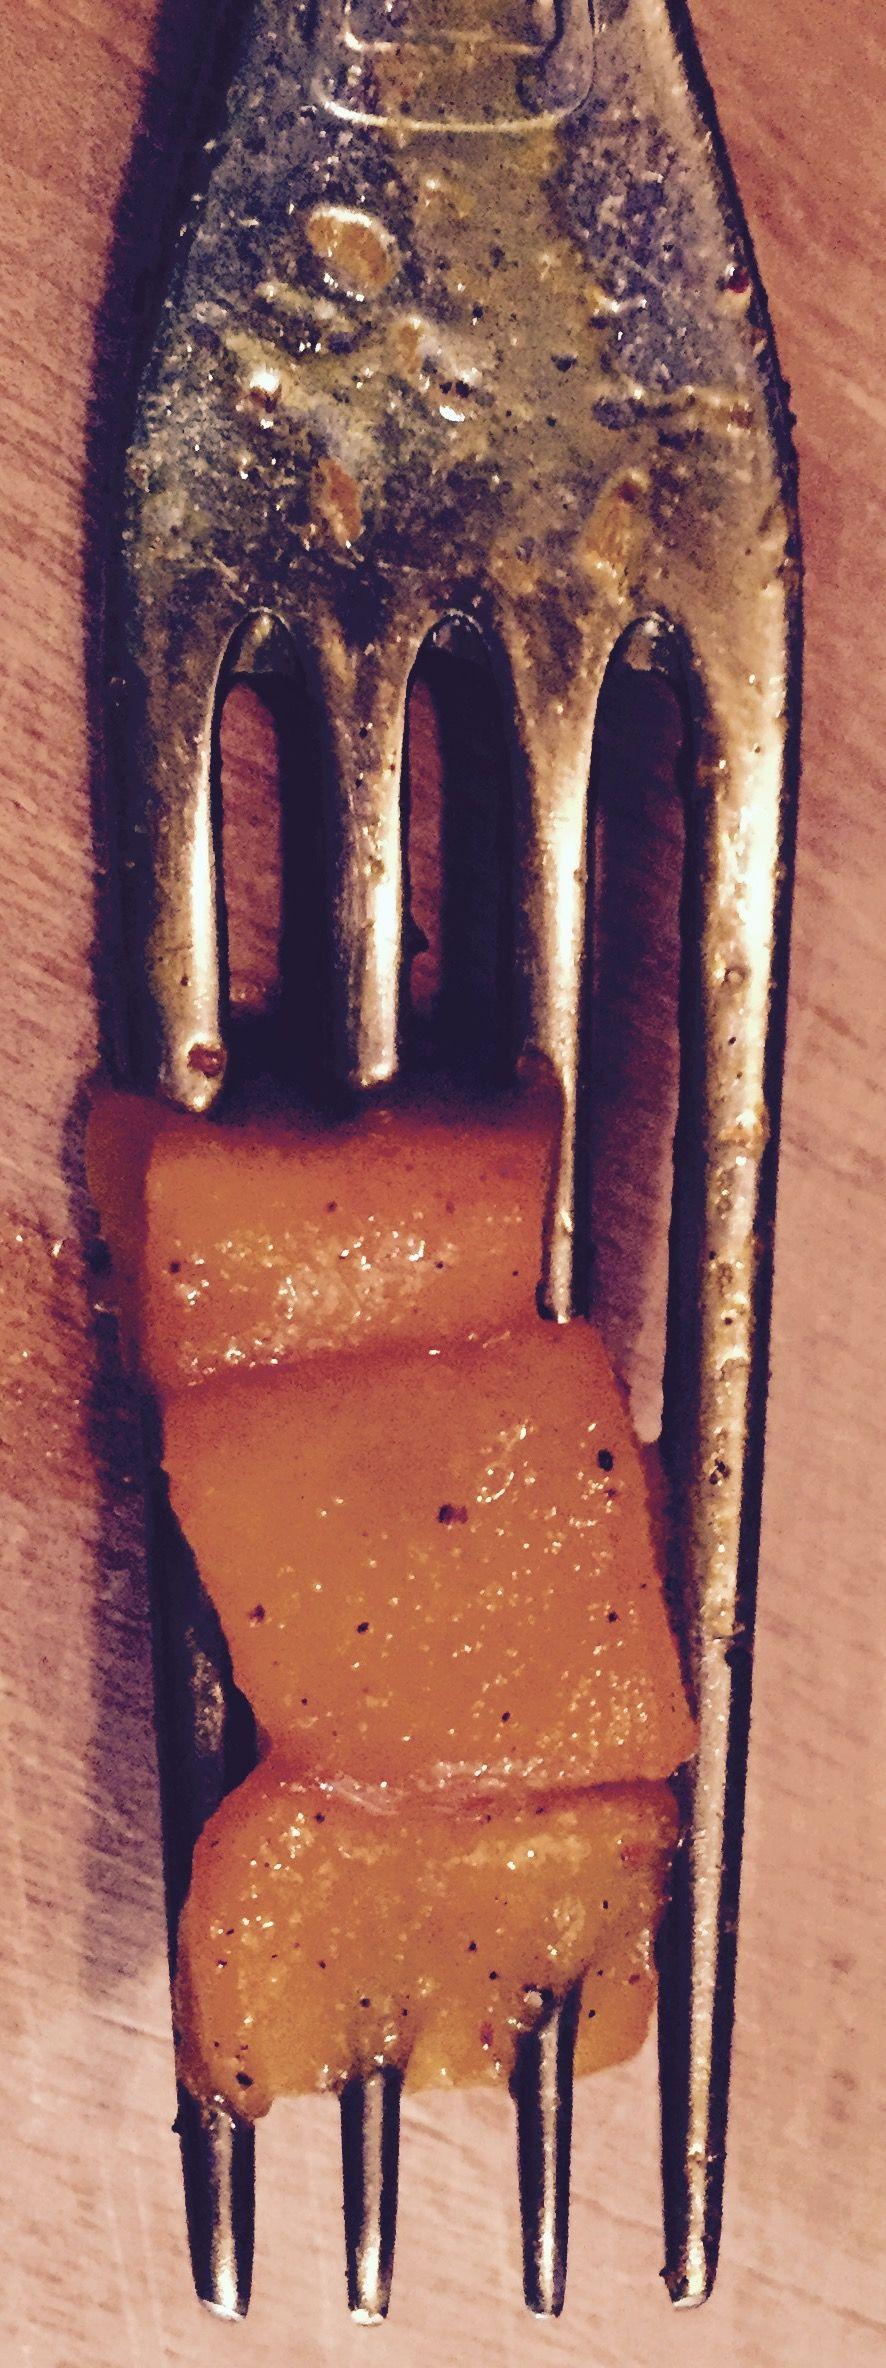 Pear and saffron for dessert